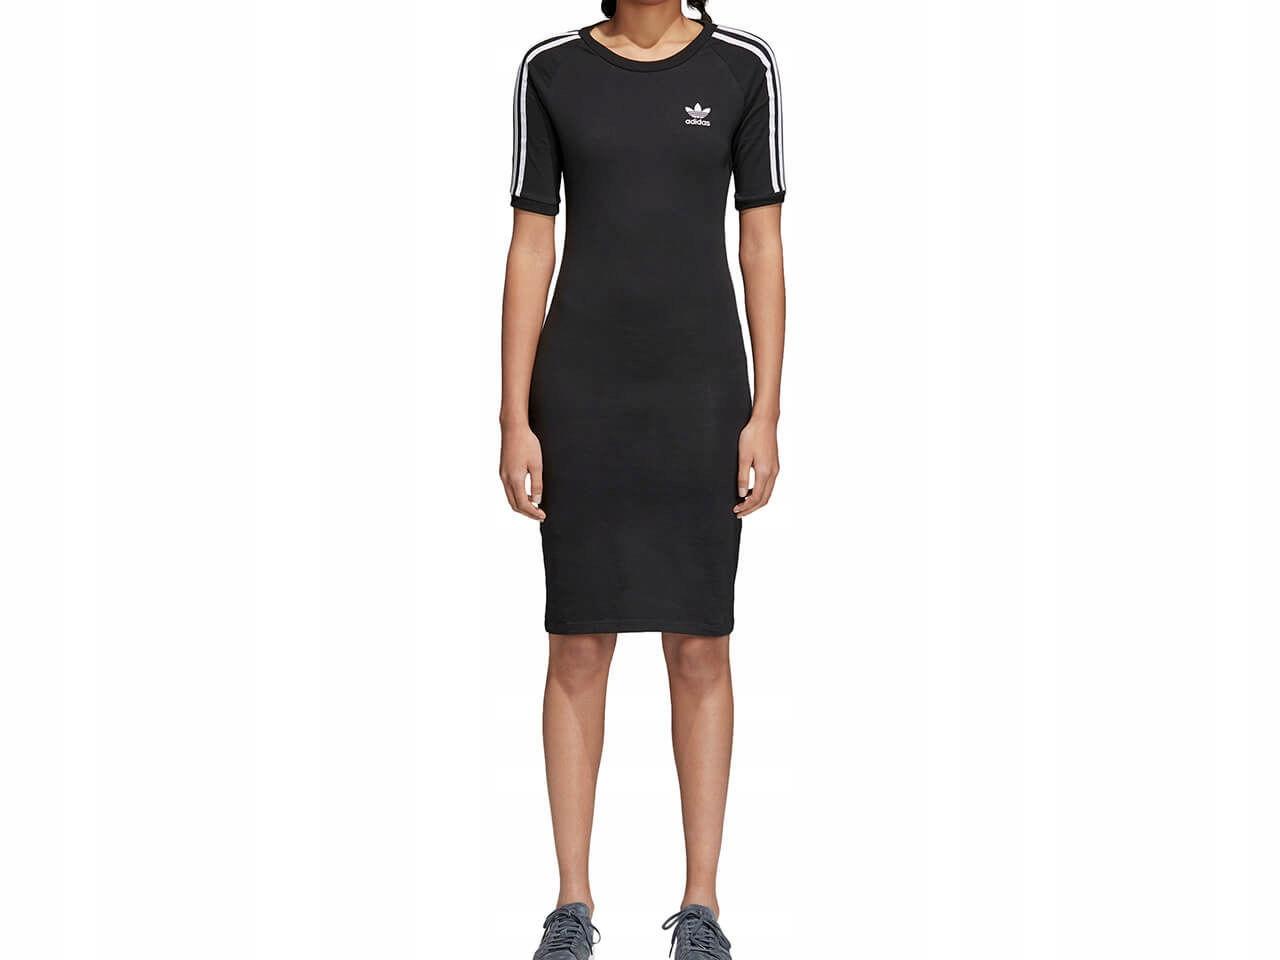 Sukienka adidas originals dress 3 stripes black (cy4748) 40 black